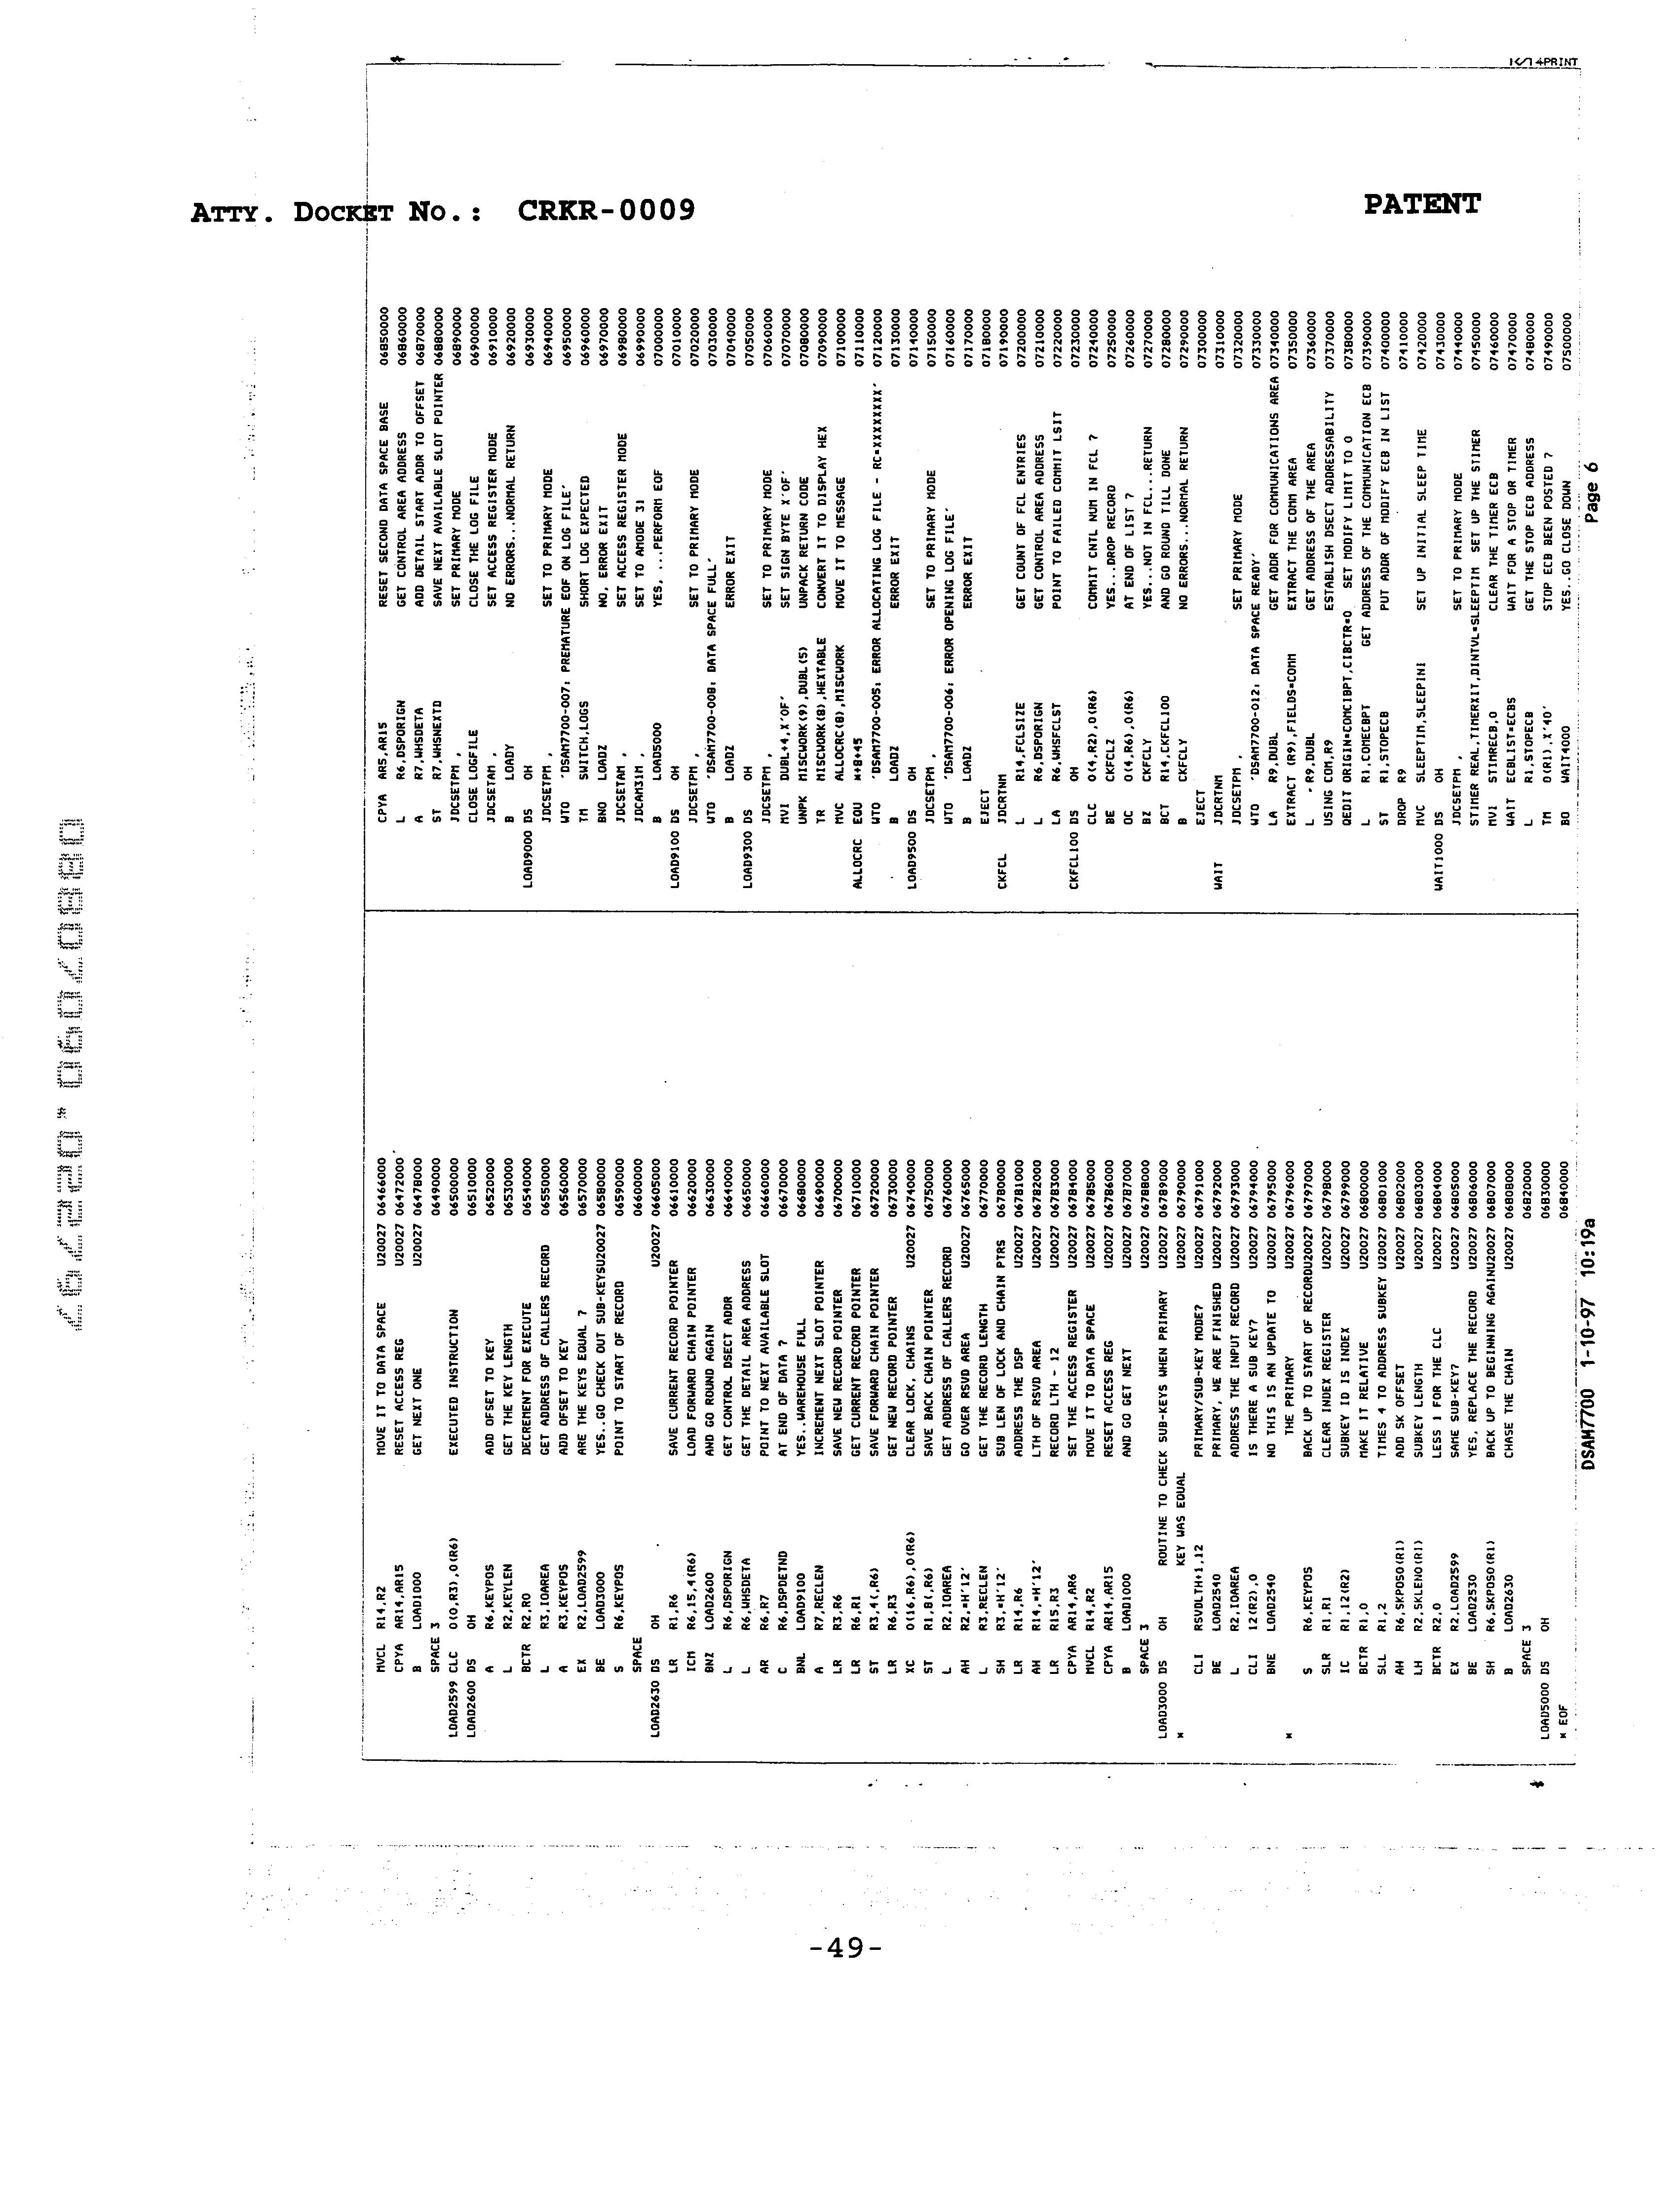 Figure US06301379-20011009-P00007